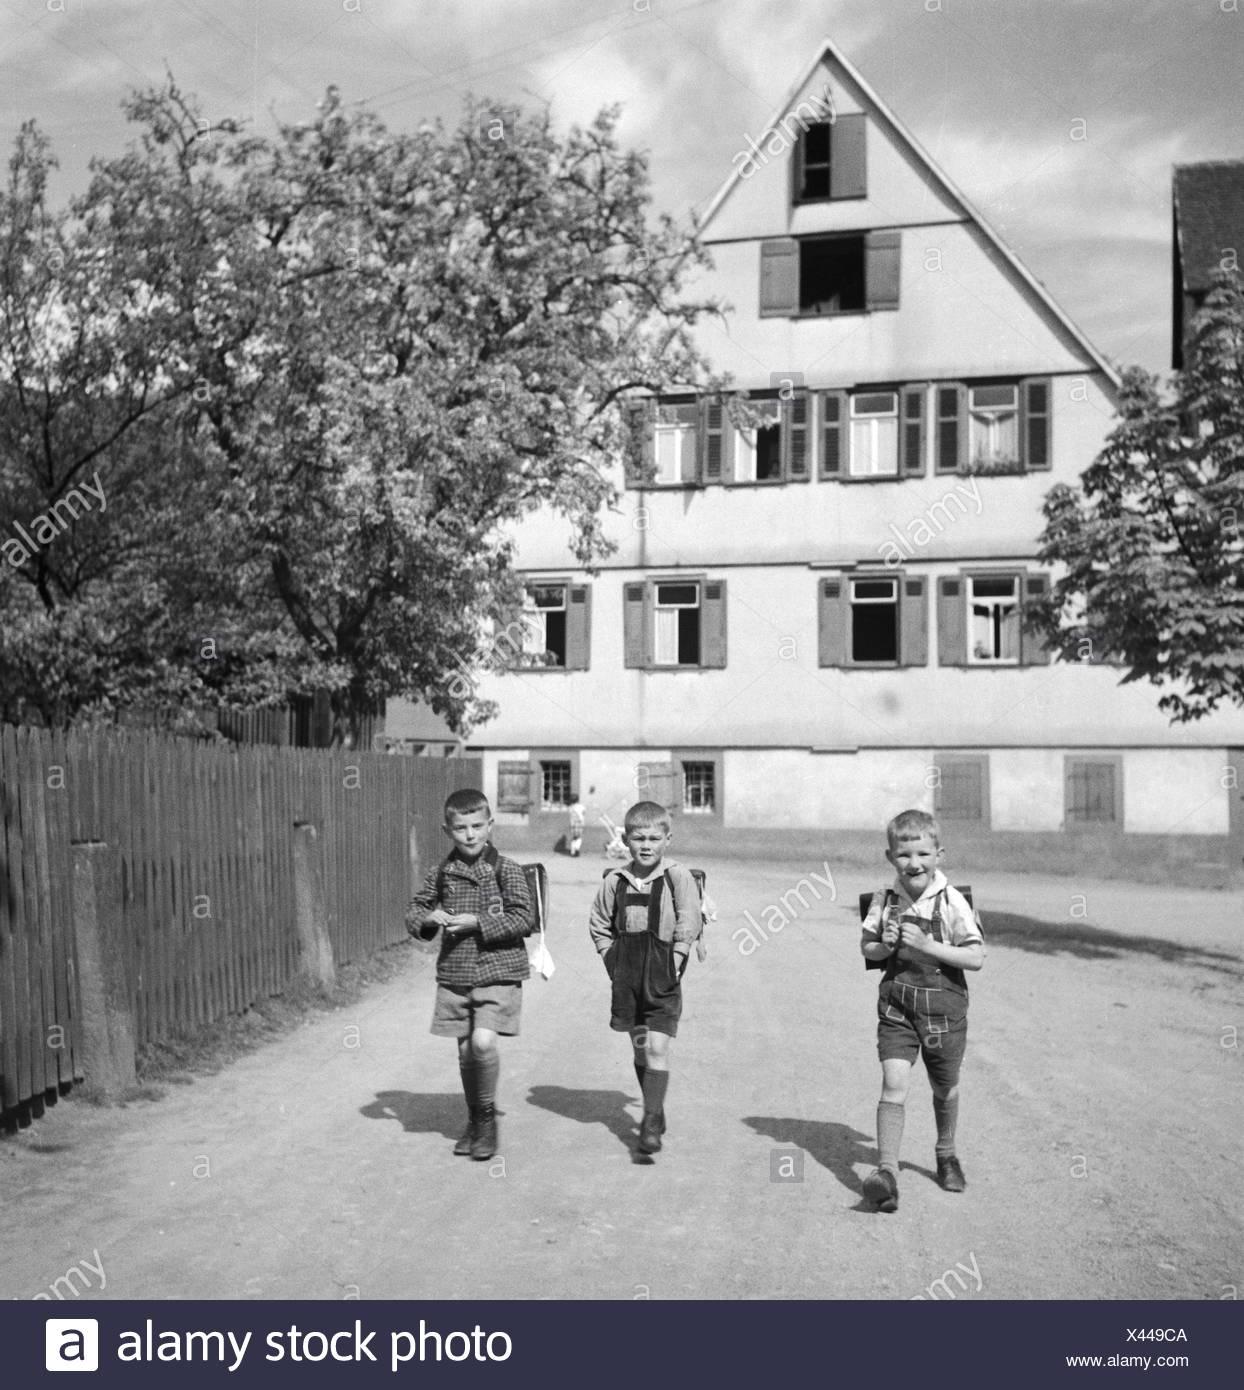 Schulkinder Auf Dem Schulweg, 1930er Jahre Deutschland. Schule Kinder auf ihrem Weg nach Hause, Deutschland der 1930er Jahre. Stockbild